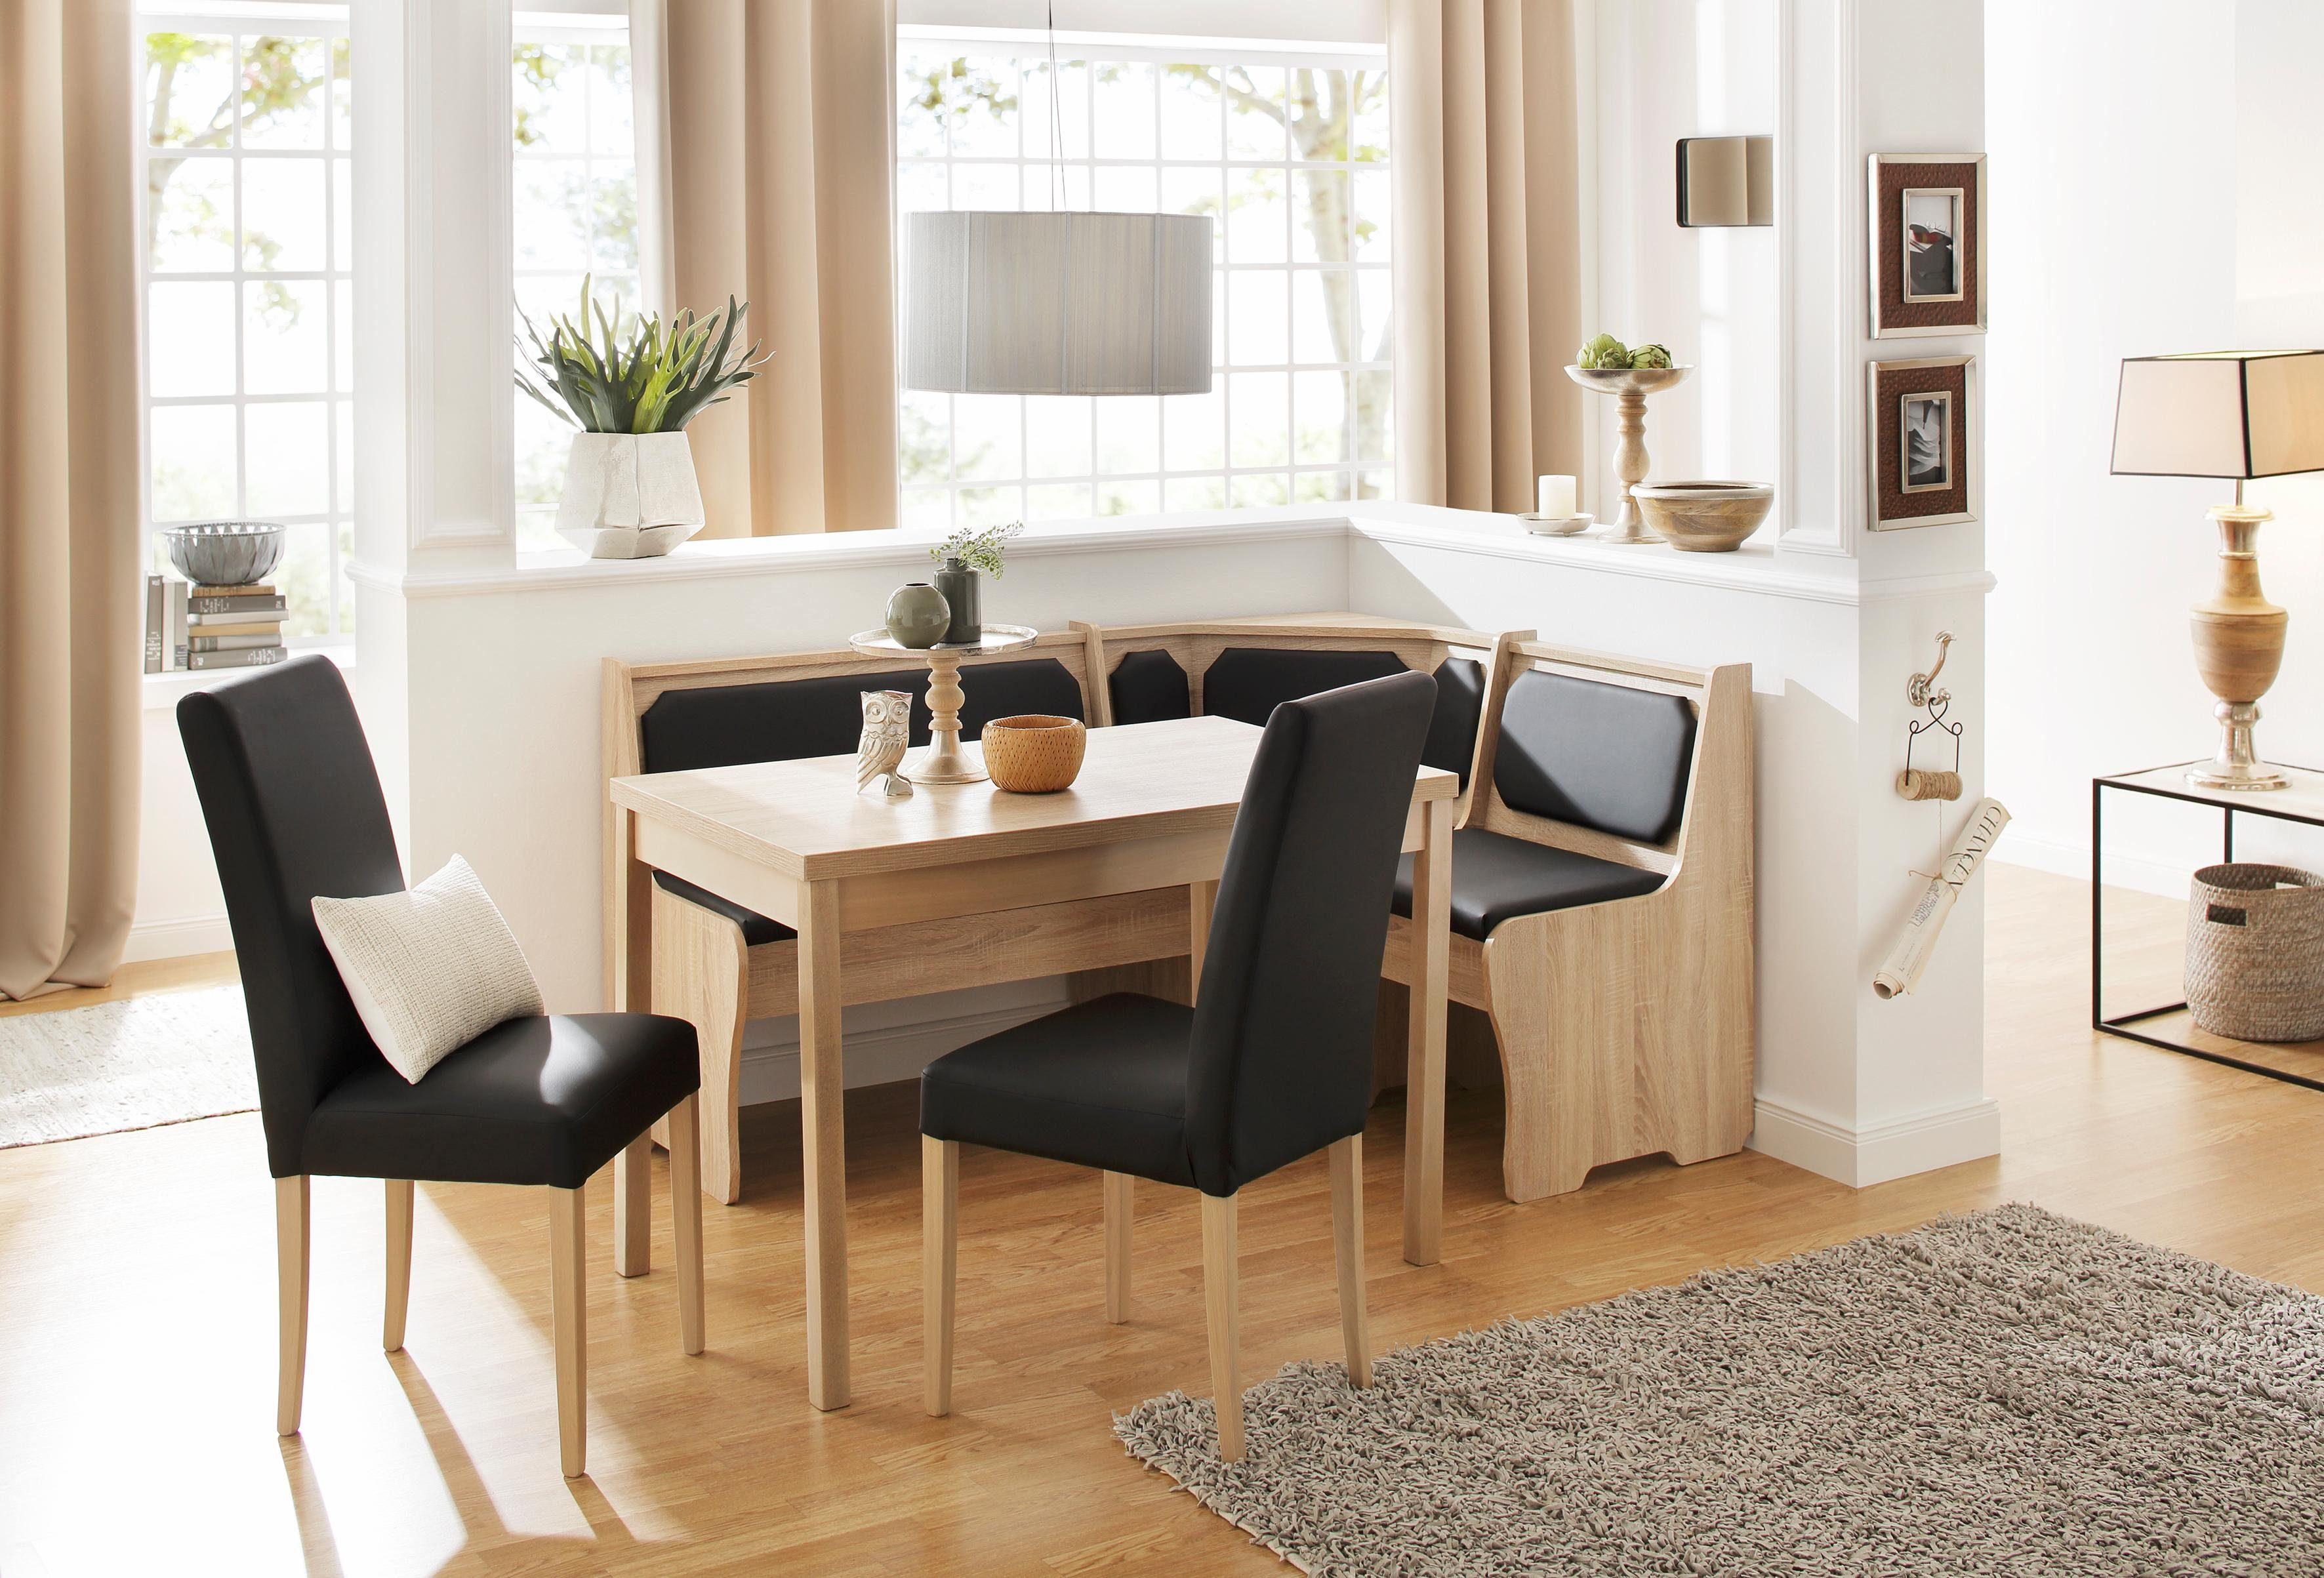 Home affaire Essgruppe »Spree«, (Set, 5 tlg), bestehend aus Eckbank, Tisch und 2 Stühlen online kaufen | OTTO